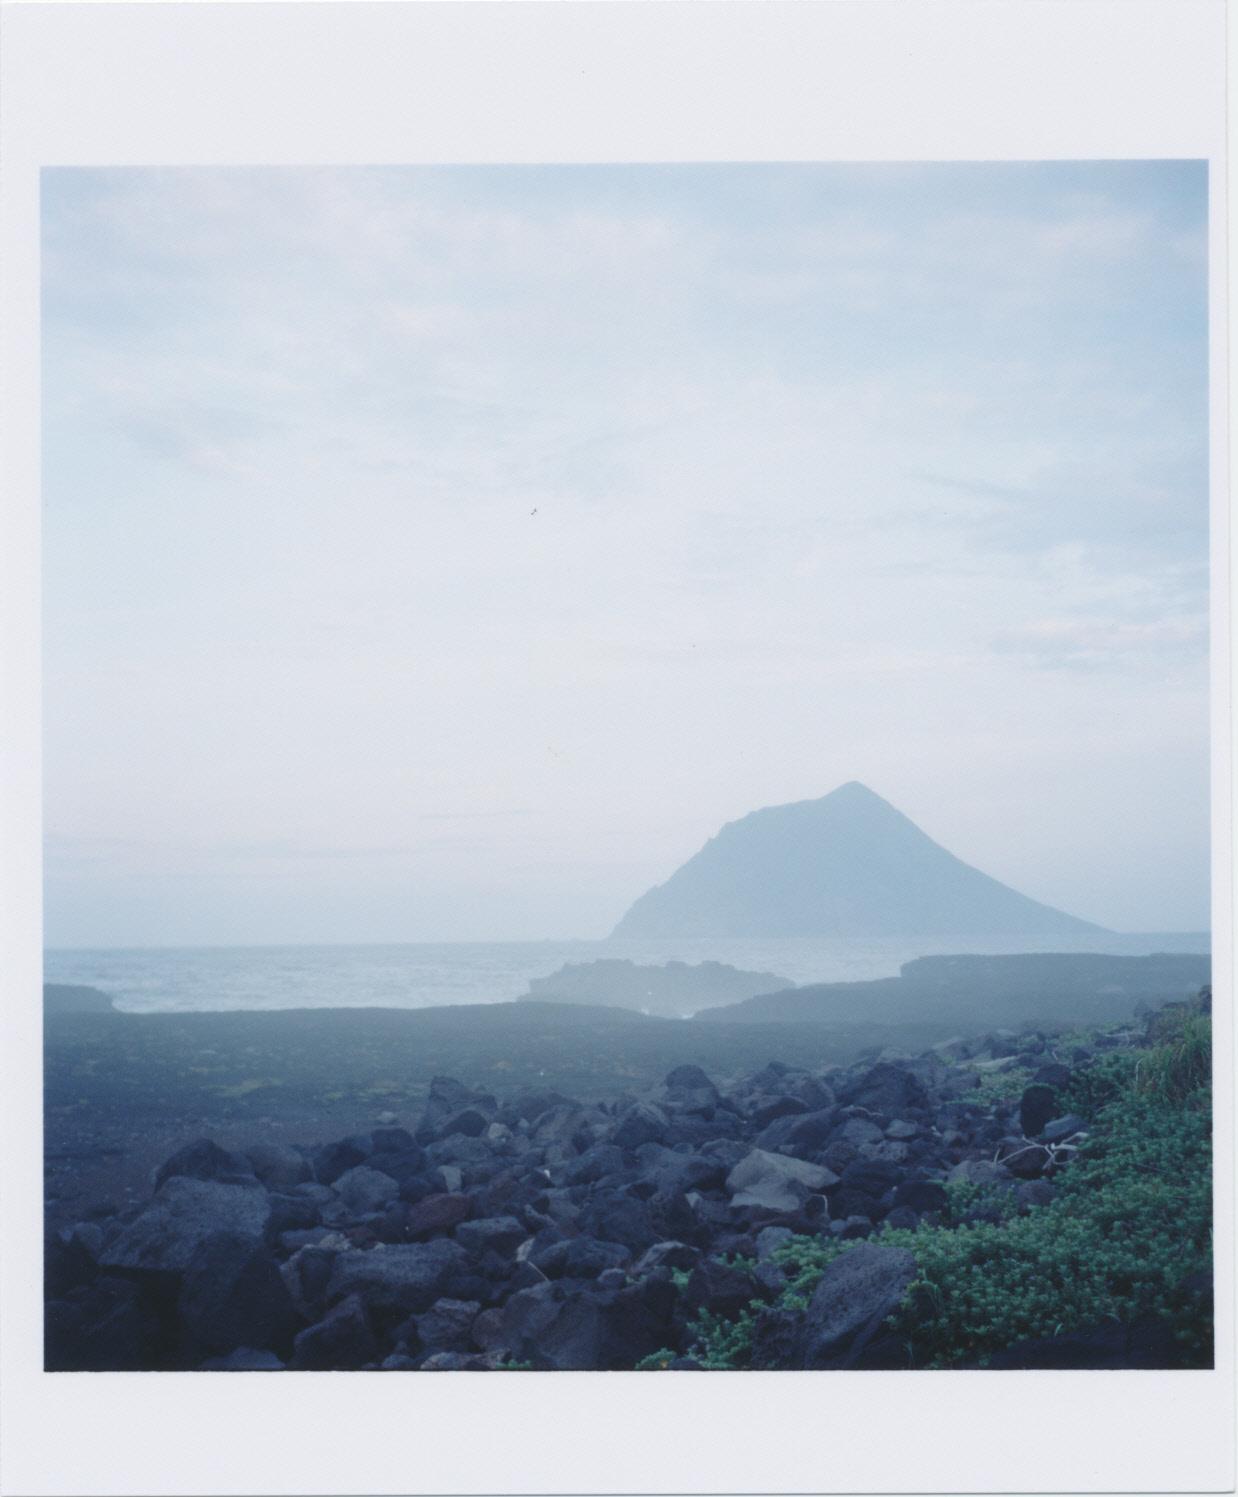 八丈小島01